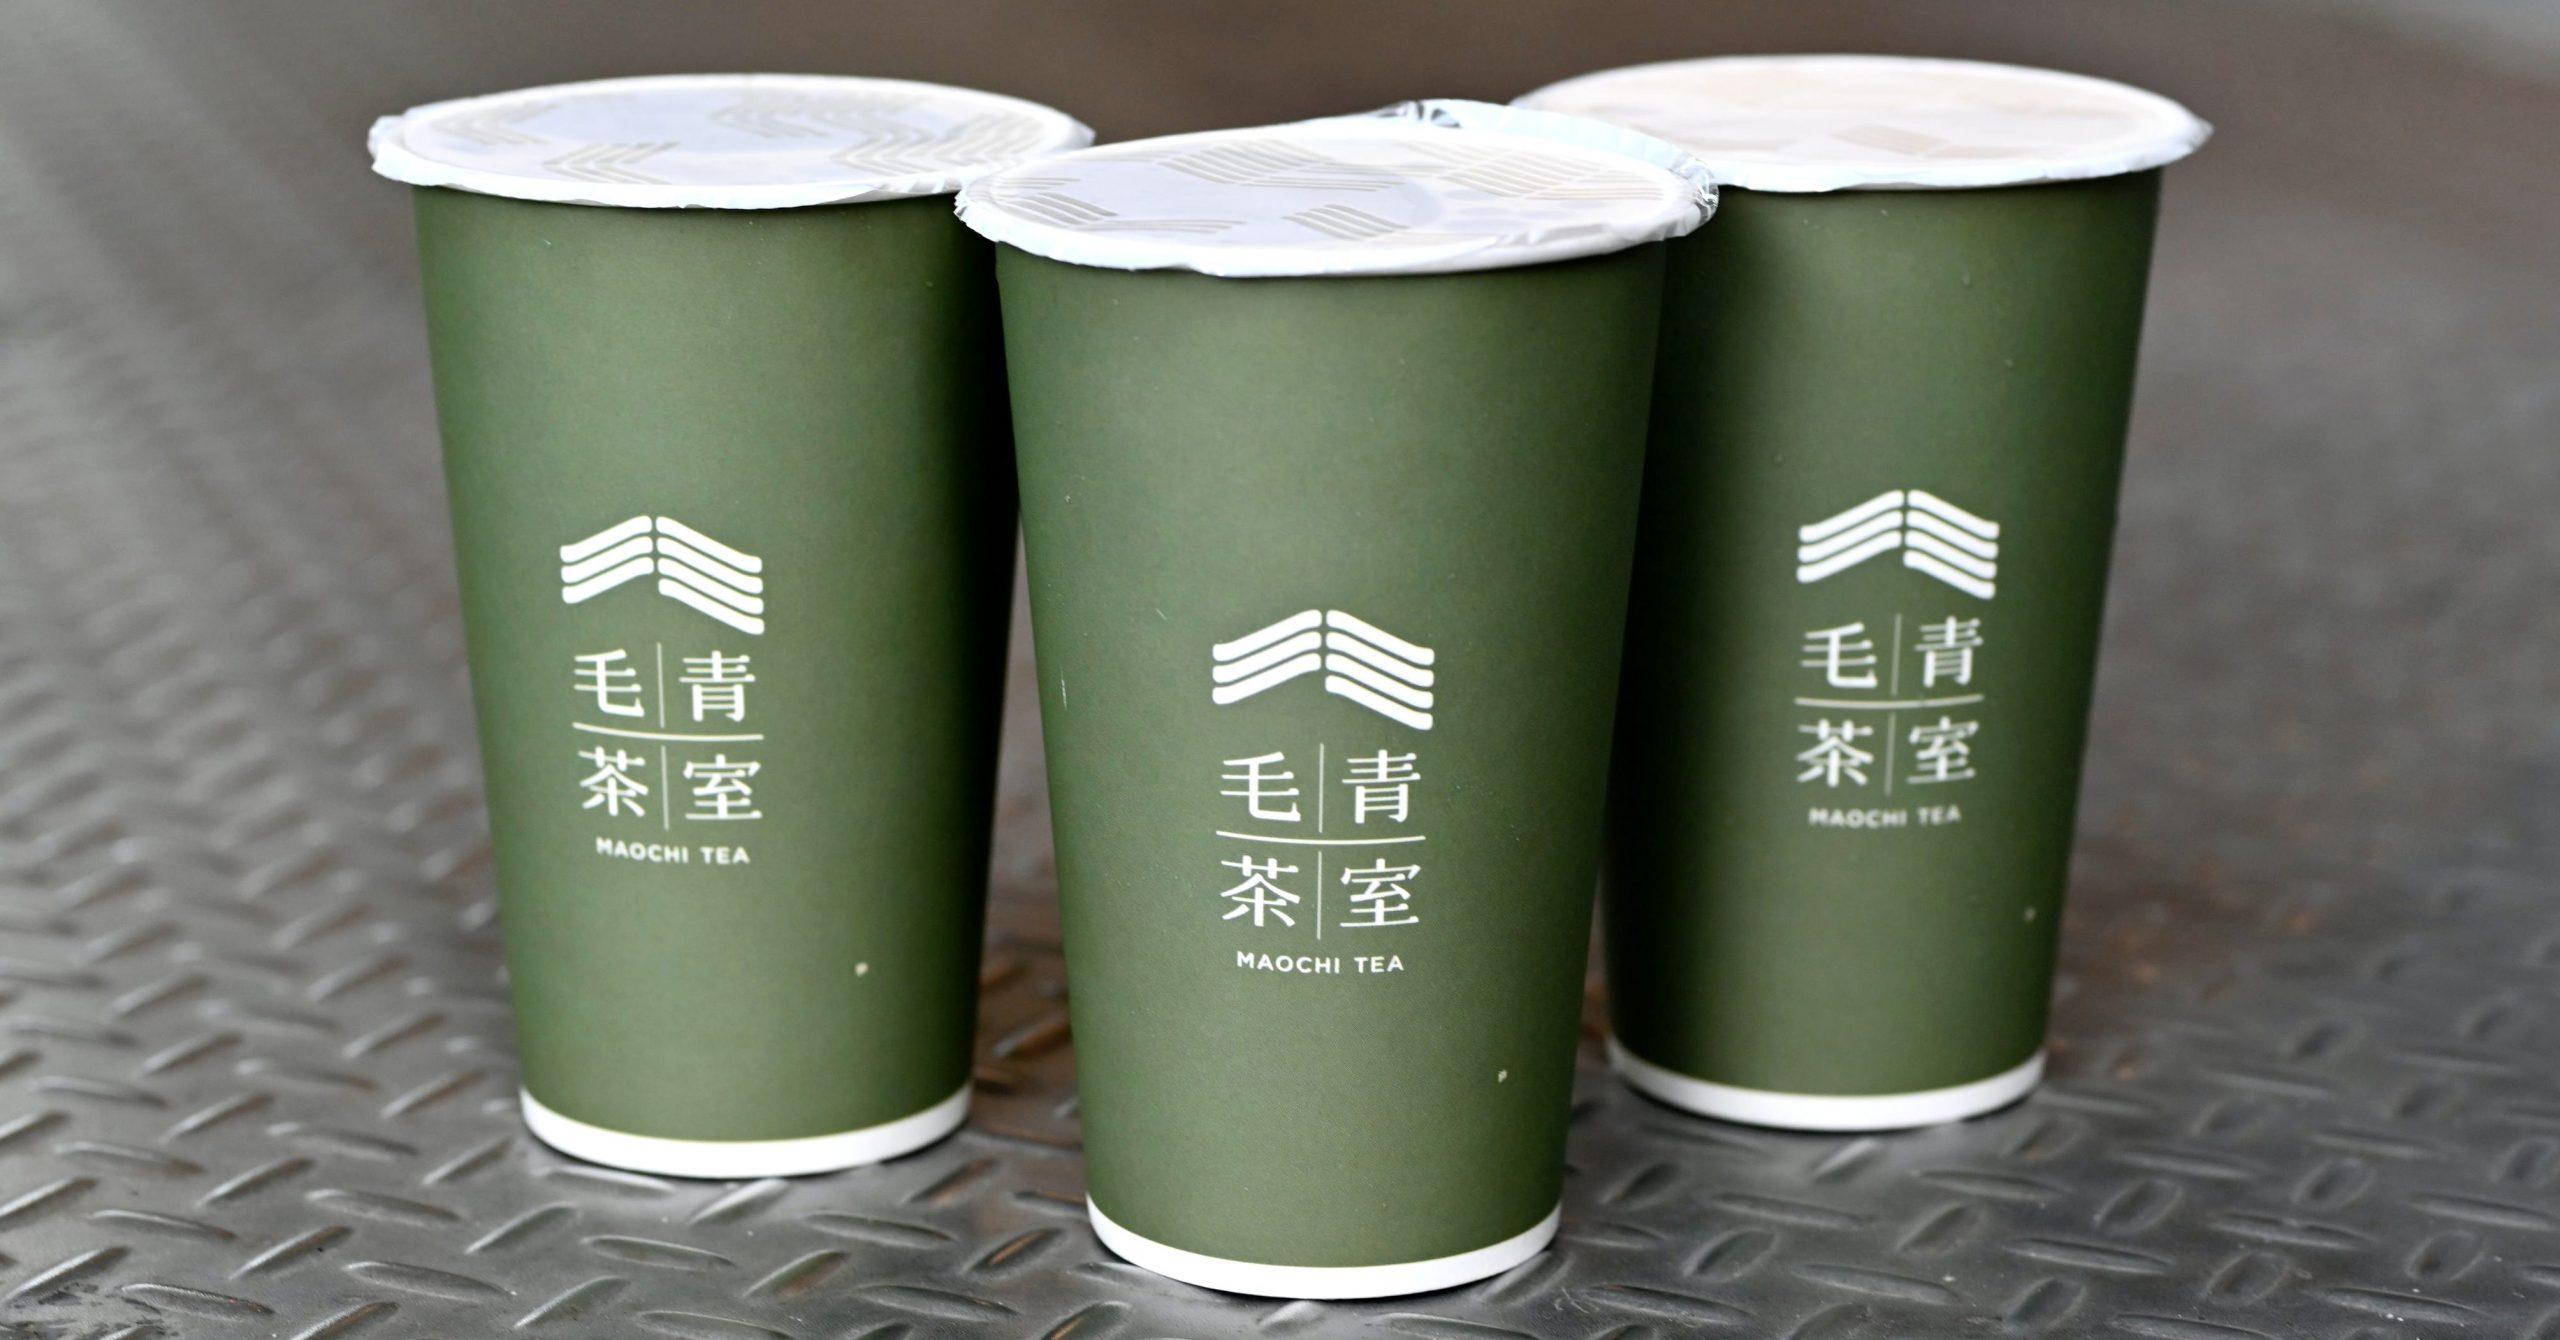 台北飲料,飲料懶人包,毛青茶室菜單,毛青茶室 @Nash,神之領域